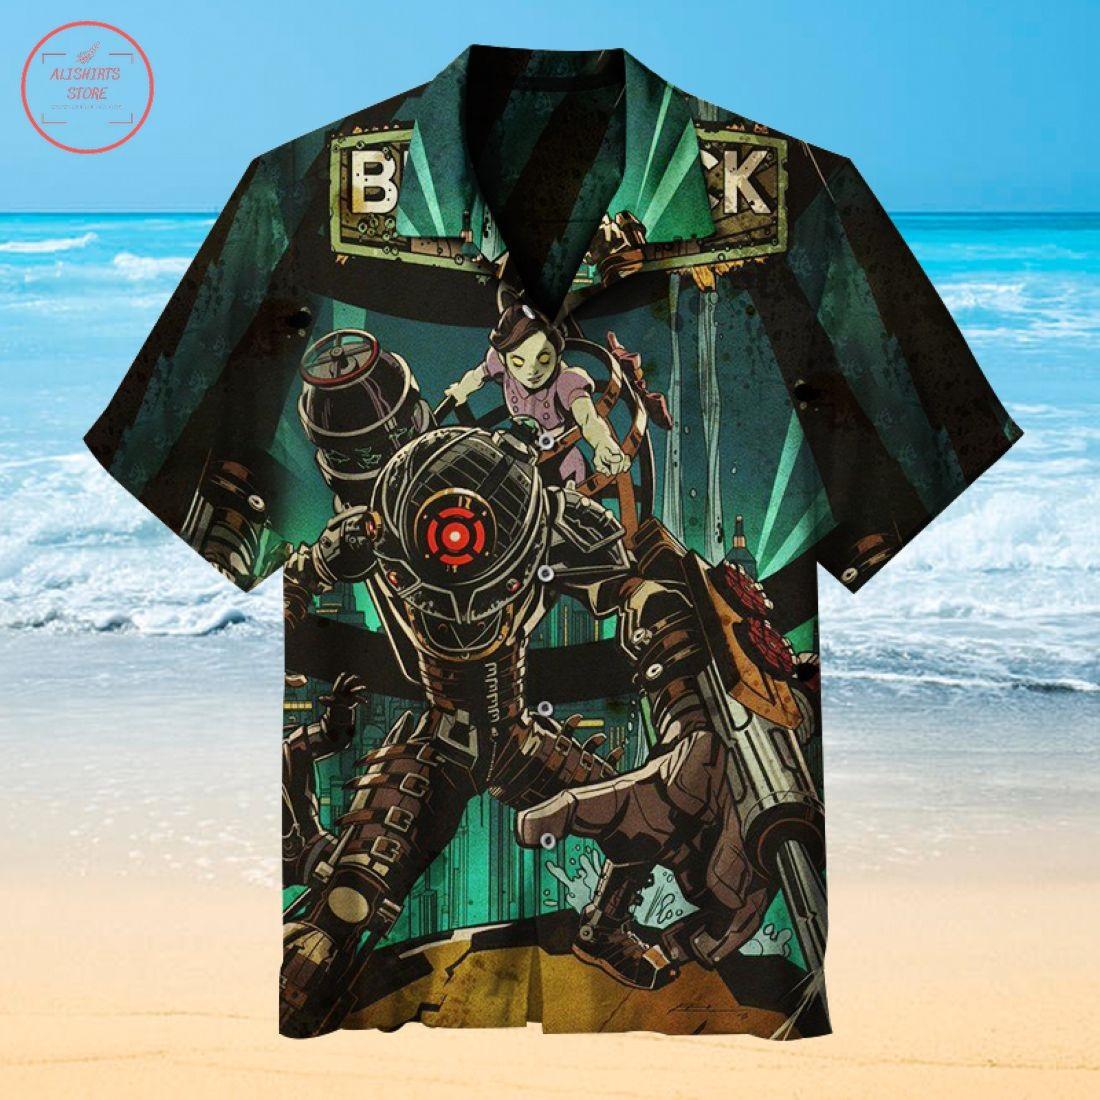 Bioshock Infinite Hawaiian shirt